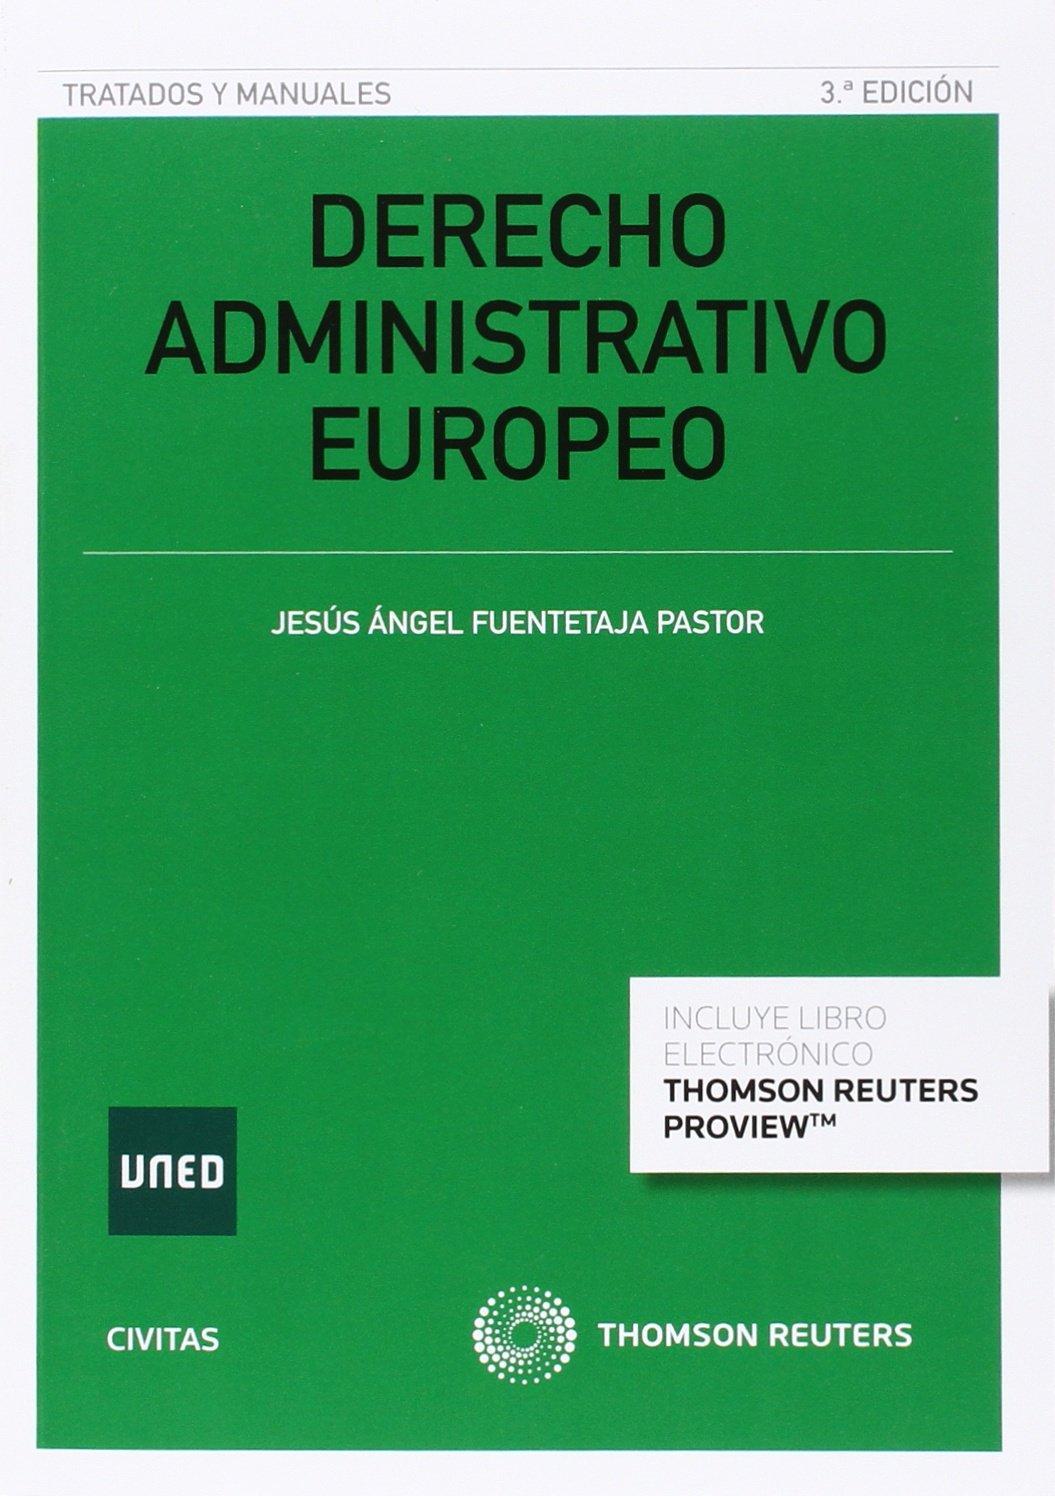 Derecho Administrativo Europeo (3 ed. - 2016) (Tratados y Manuales de Derecho) Tapa blanda – 22 ago 2016 Jesús Fuentetaja Pastor Civitas 8490998094 DERECHO INTERNACIONAL